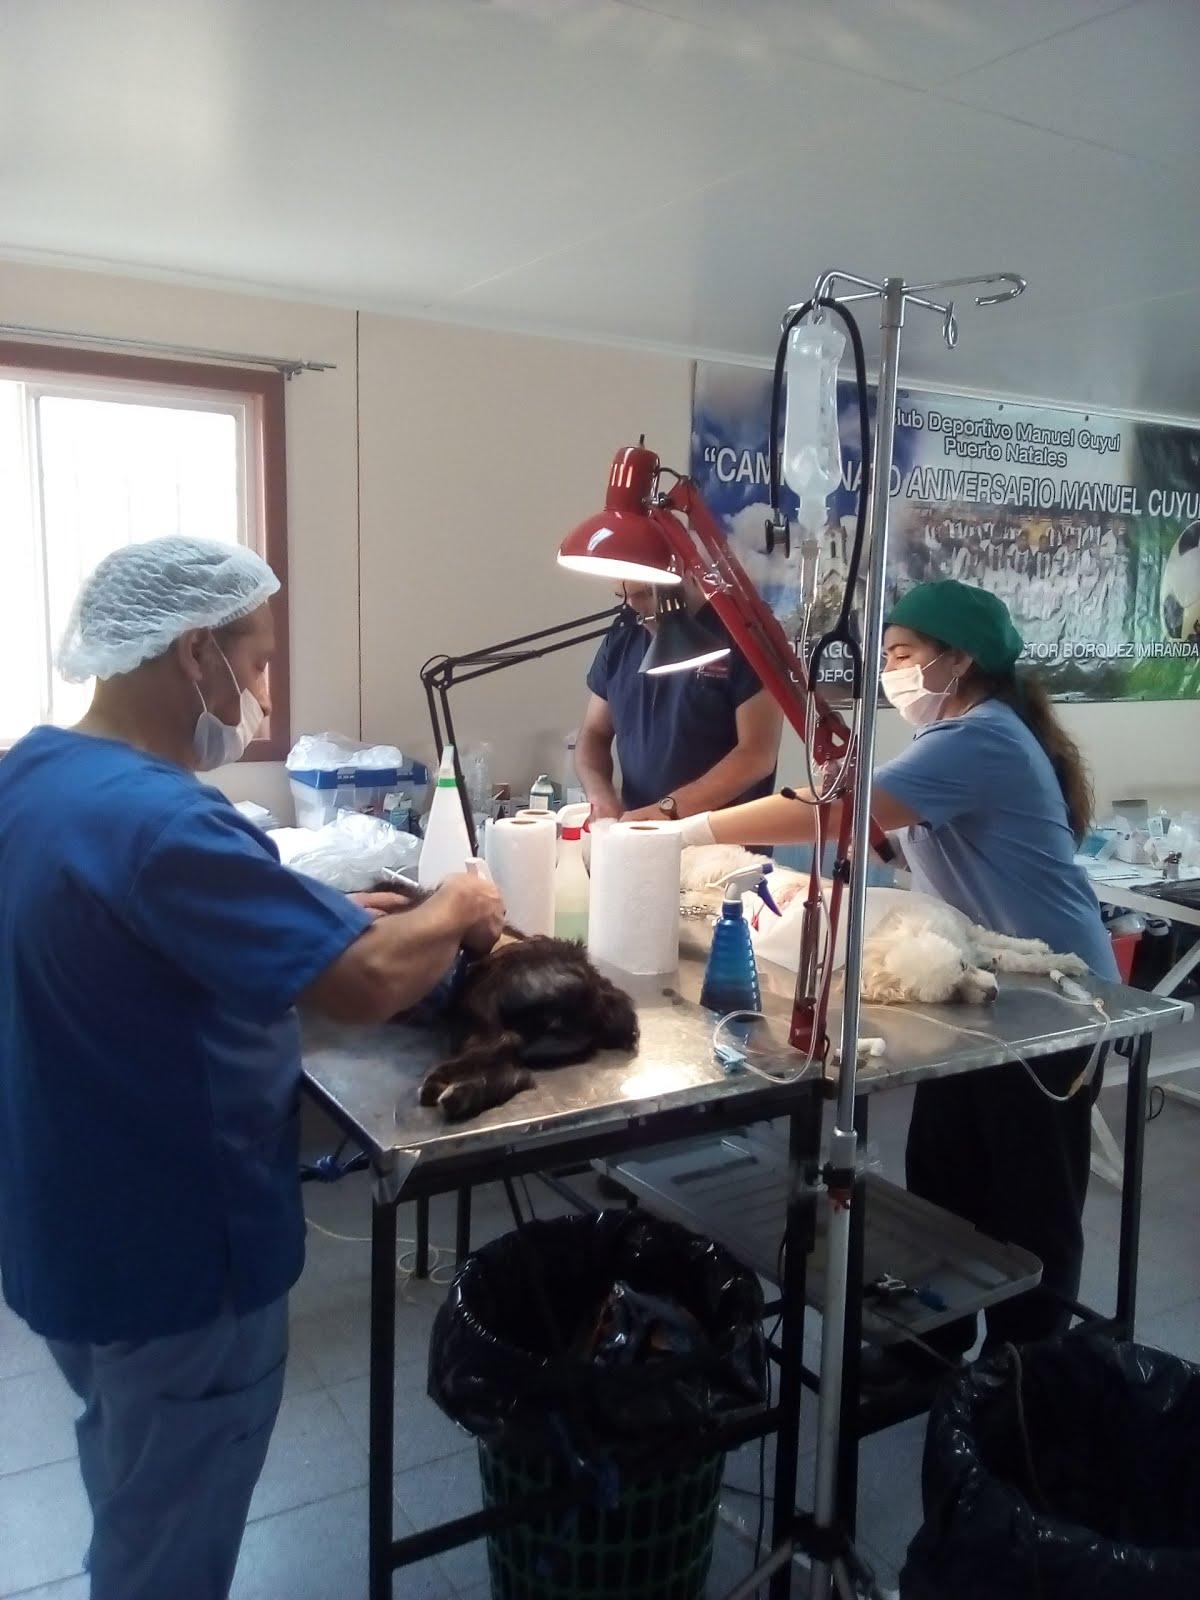 Equipo de esterilizaciones